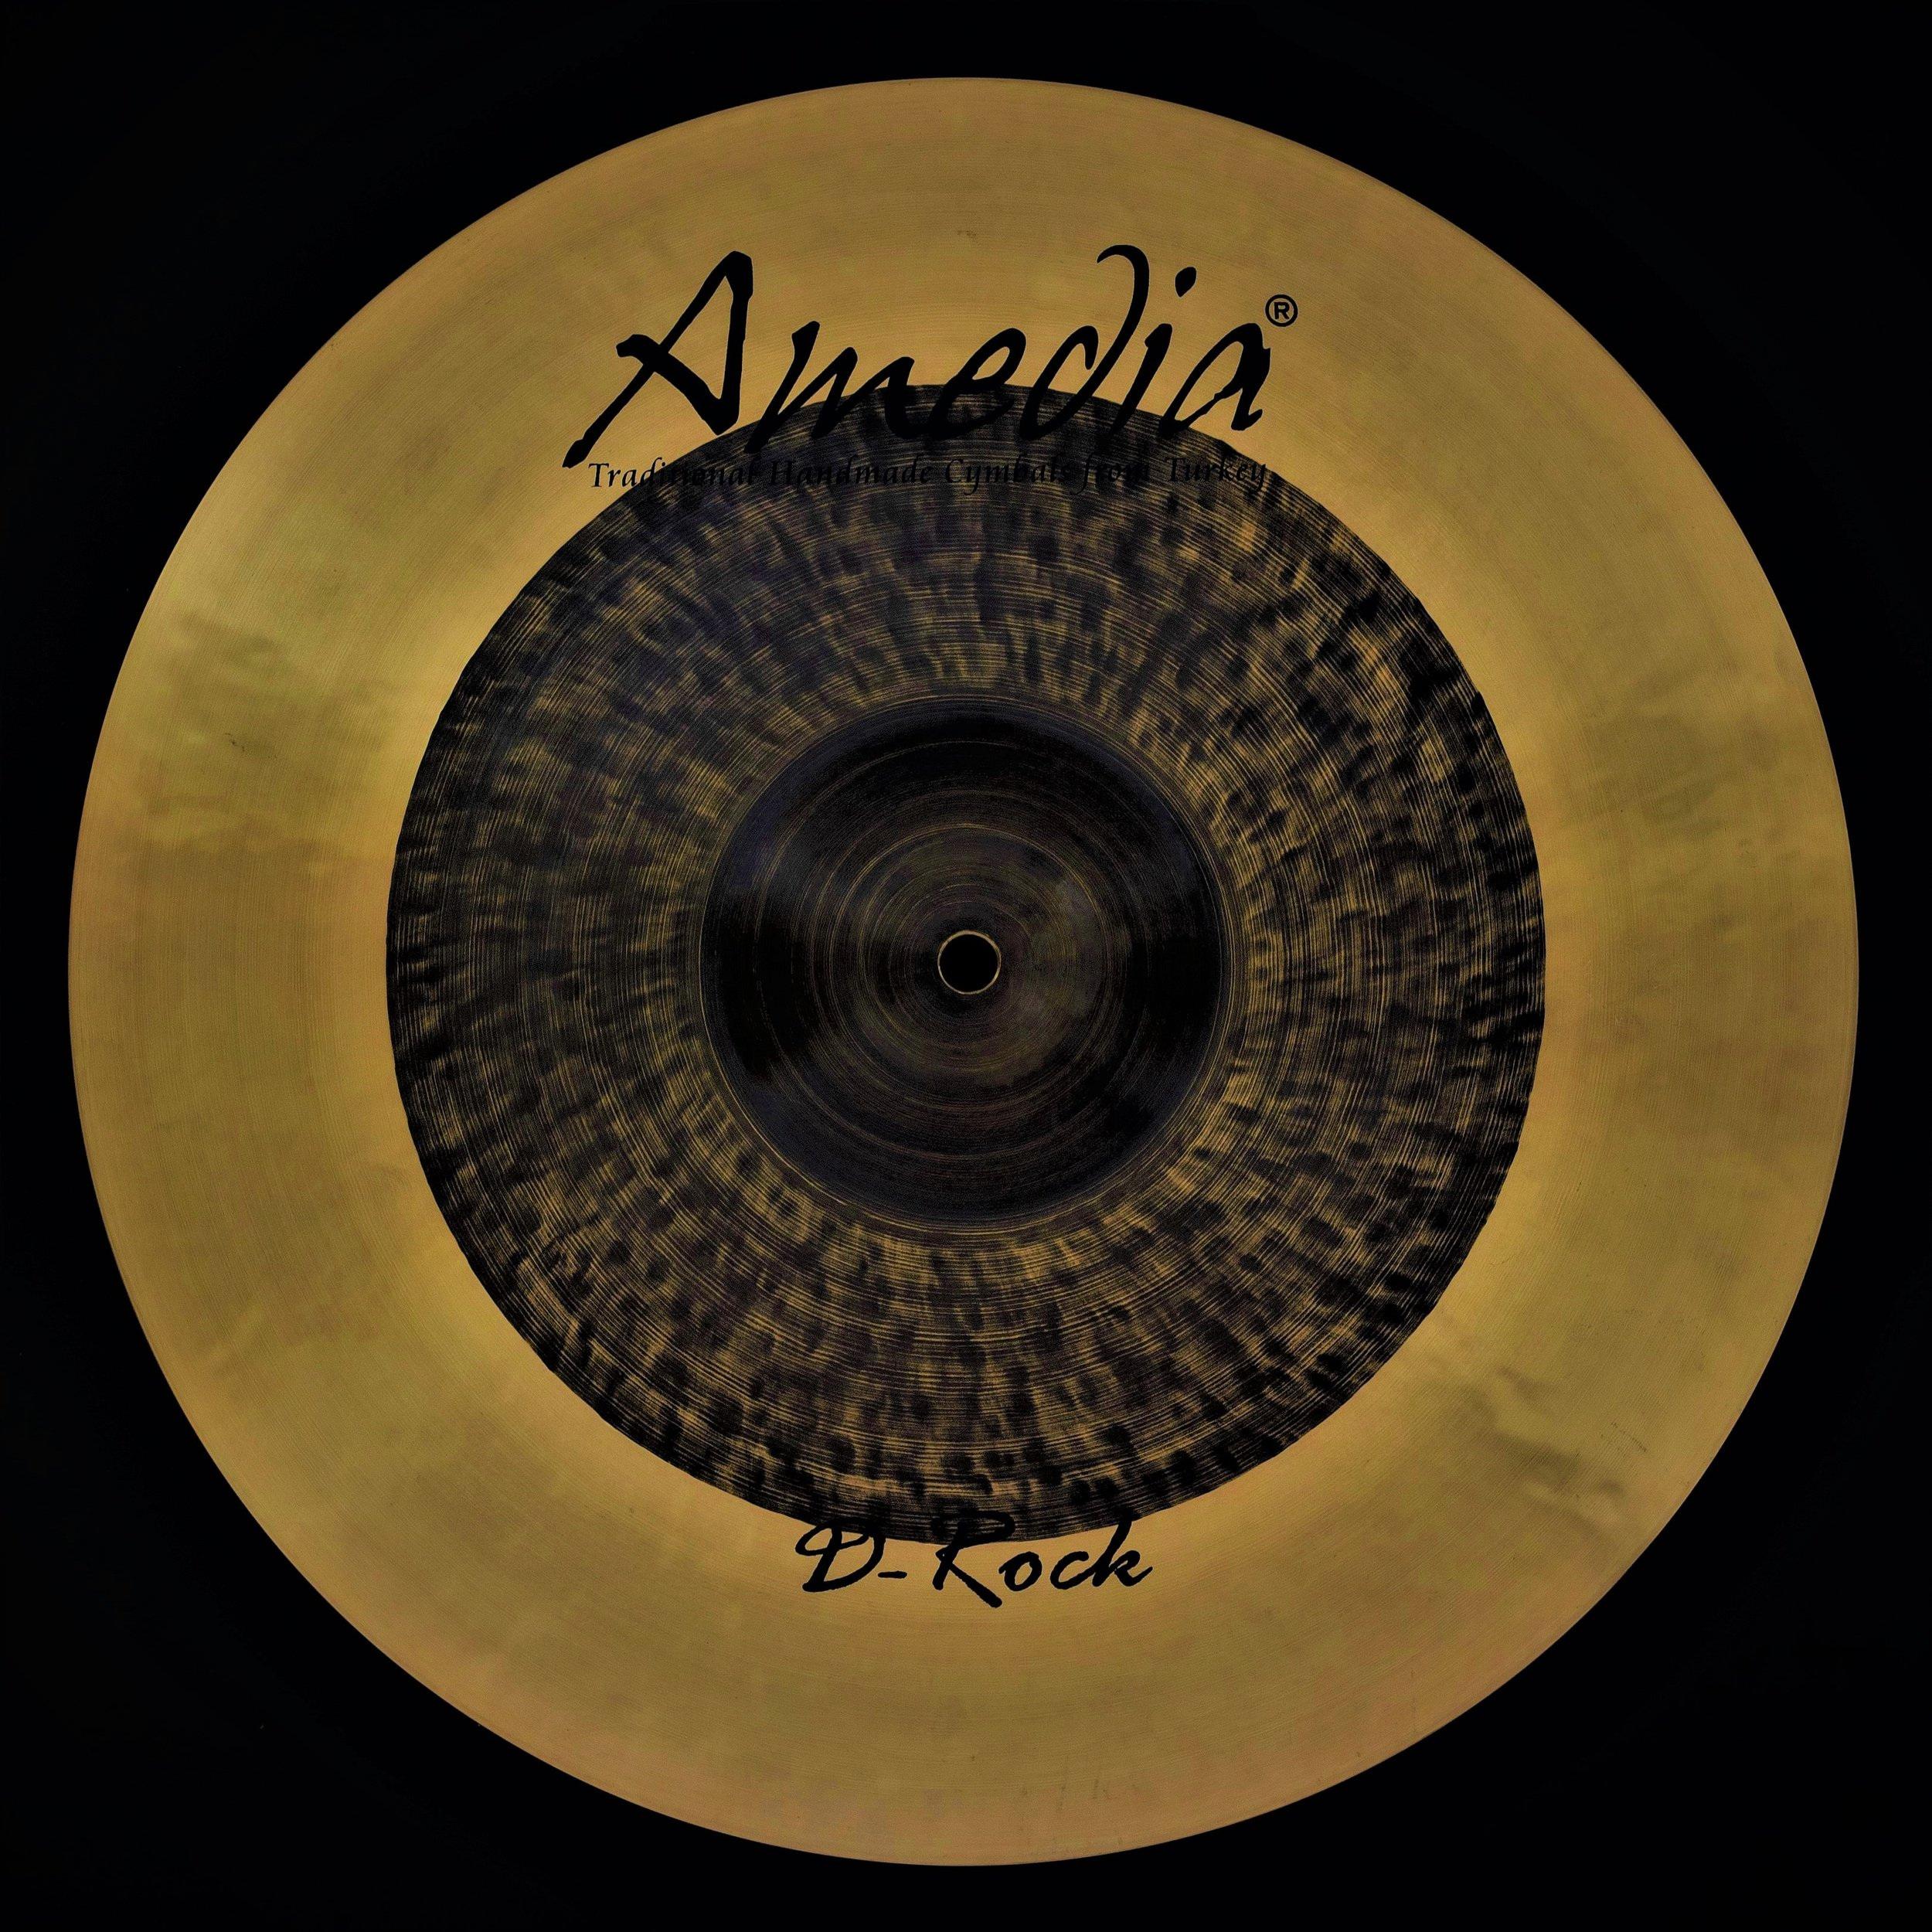 Amedia+D+Rock+F-6900.jpg